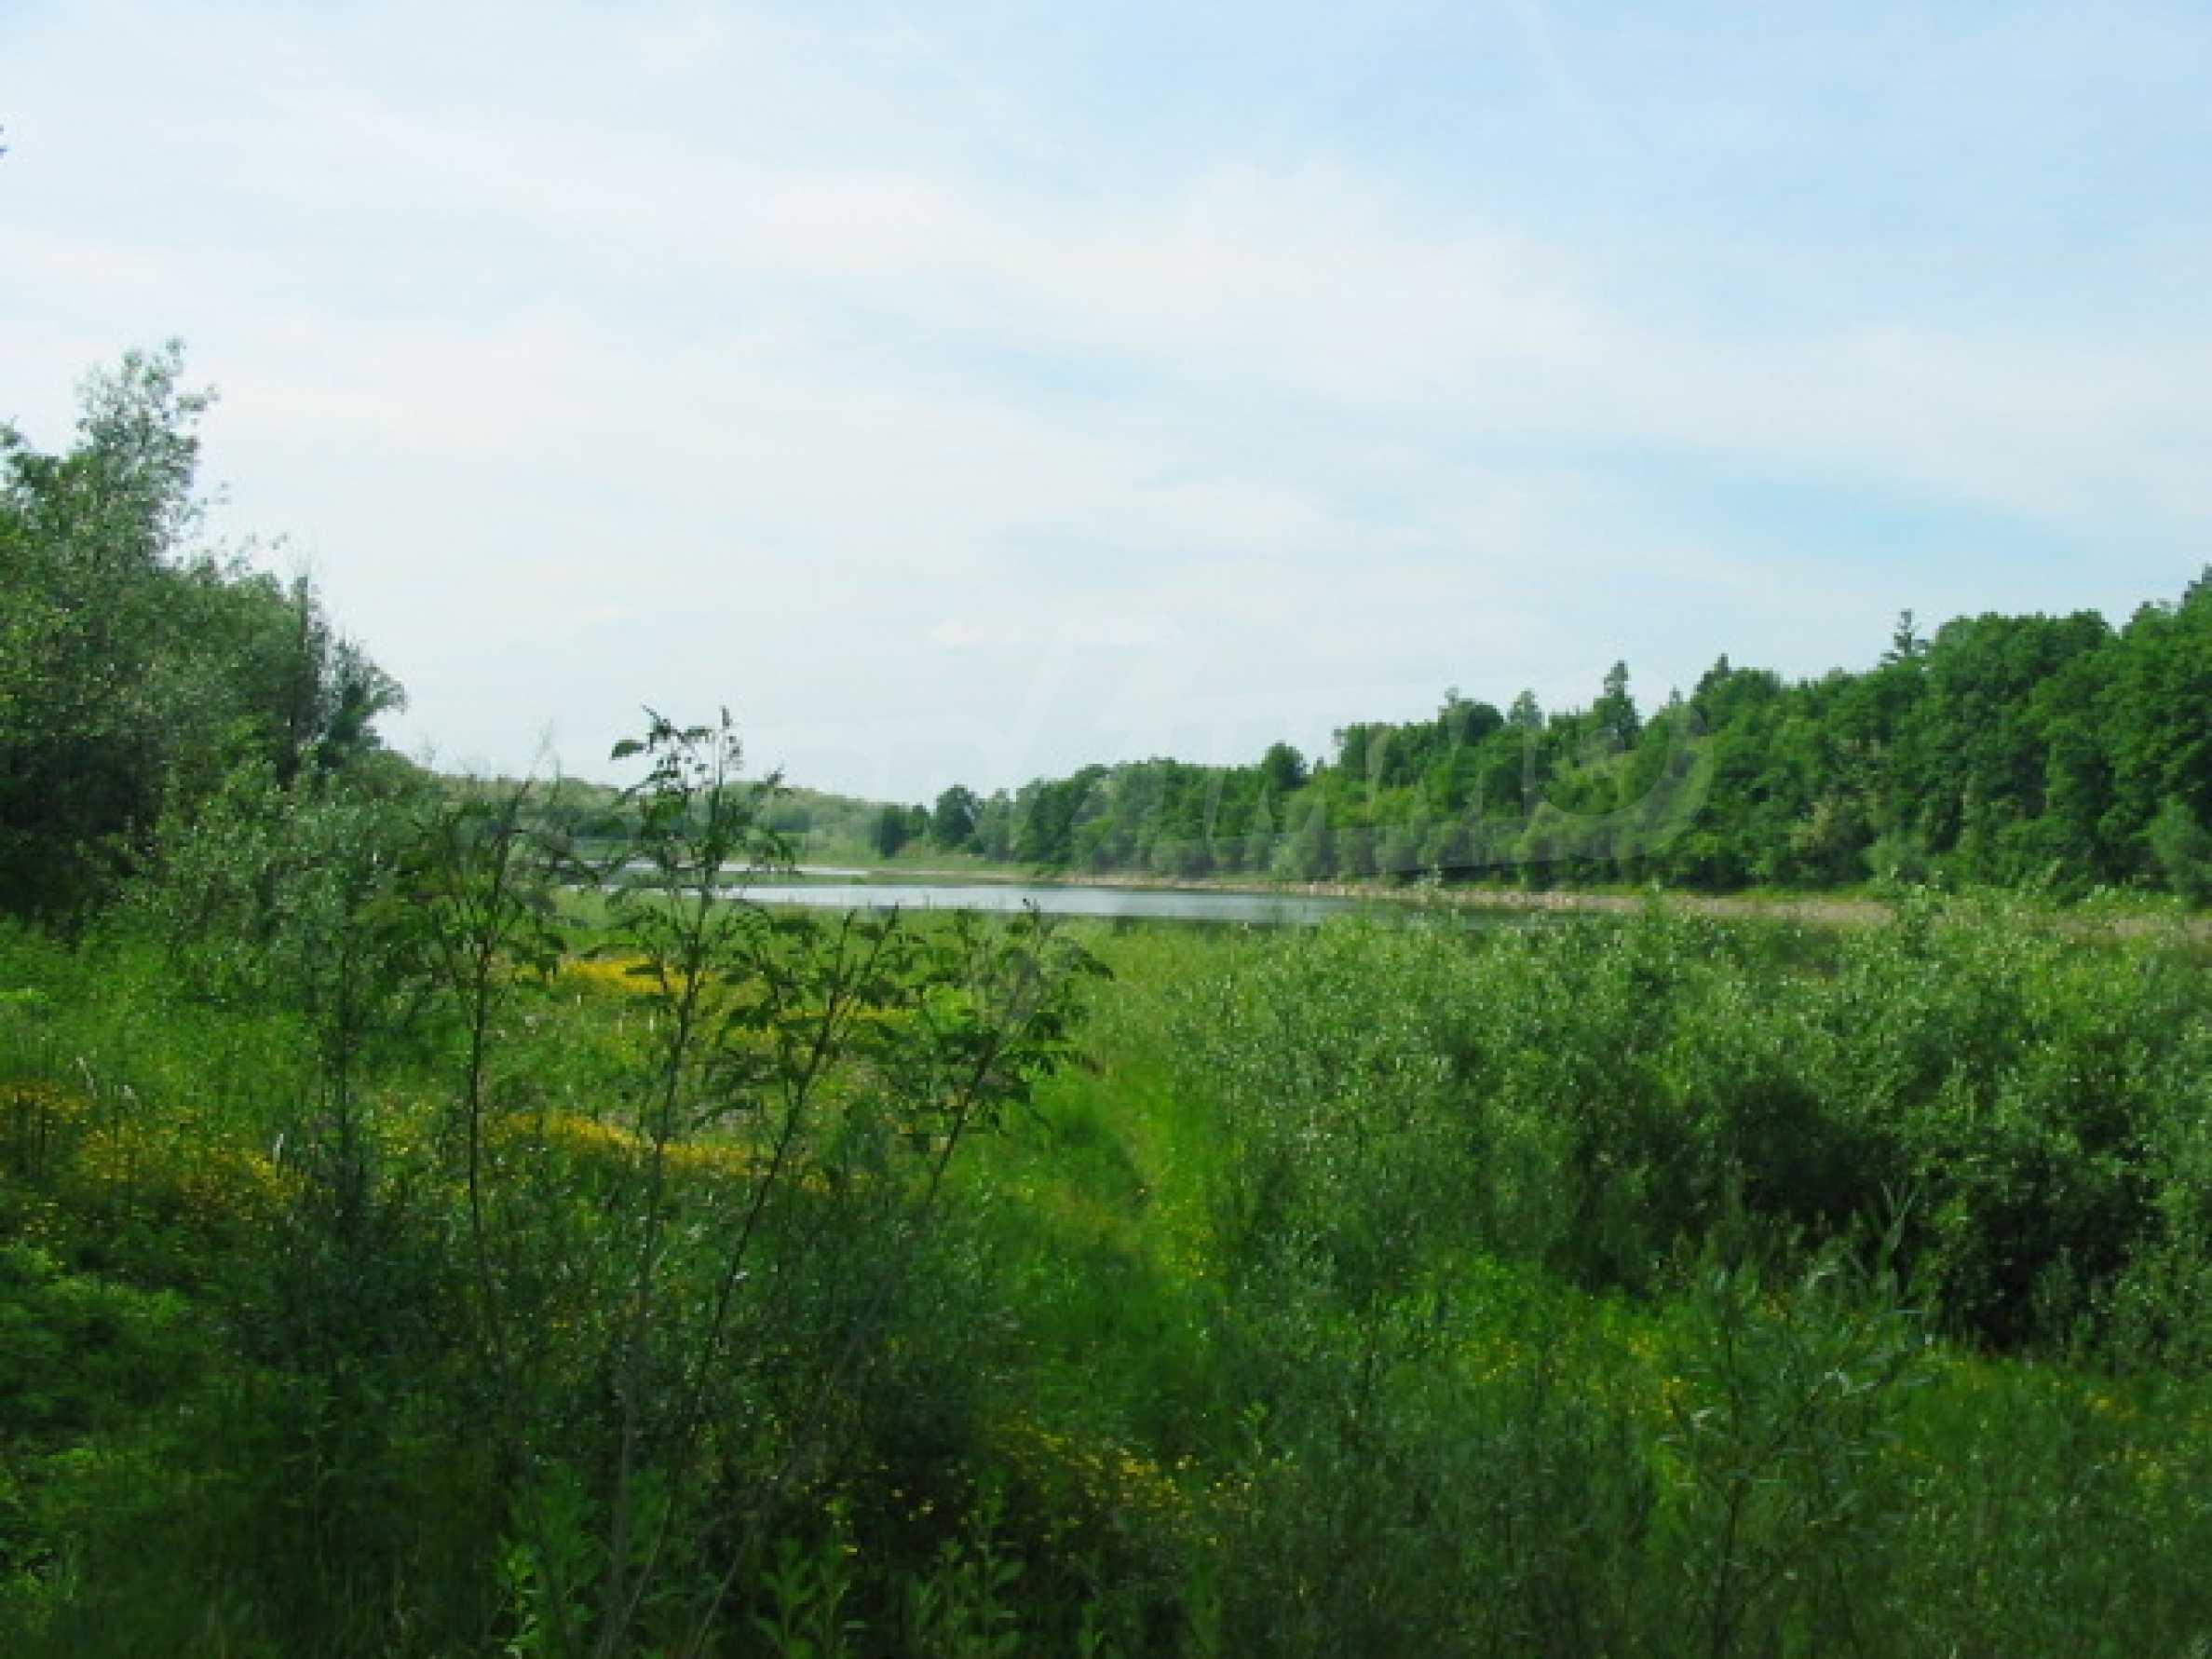 Damm mit angrenzendem Land 7 km von Veliko Tarnovo entfernt 3